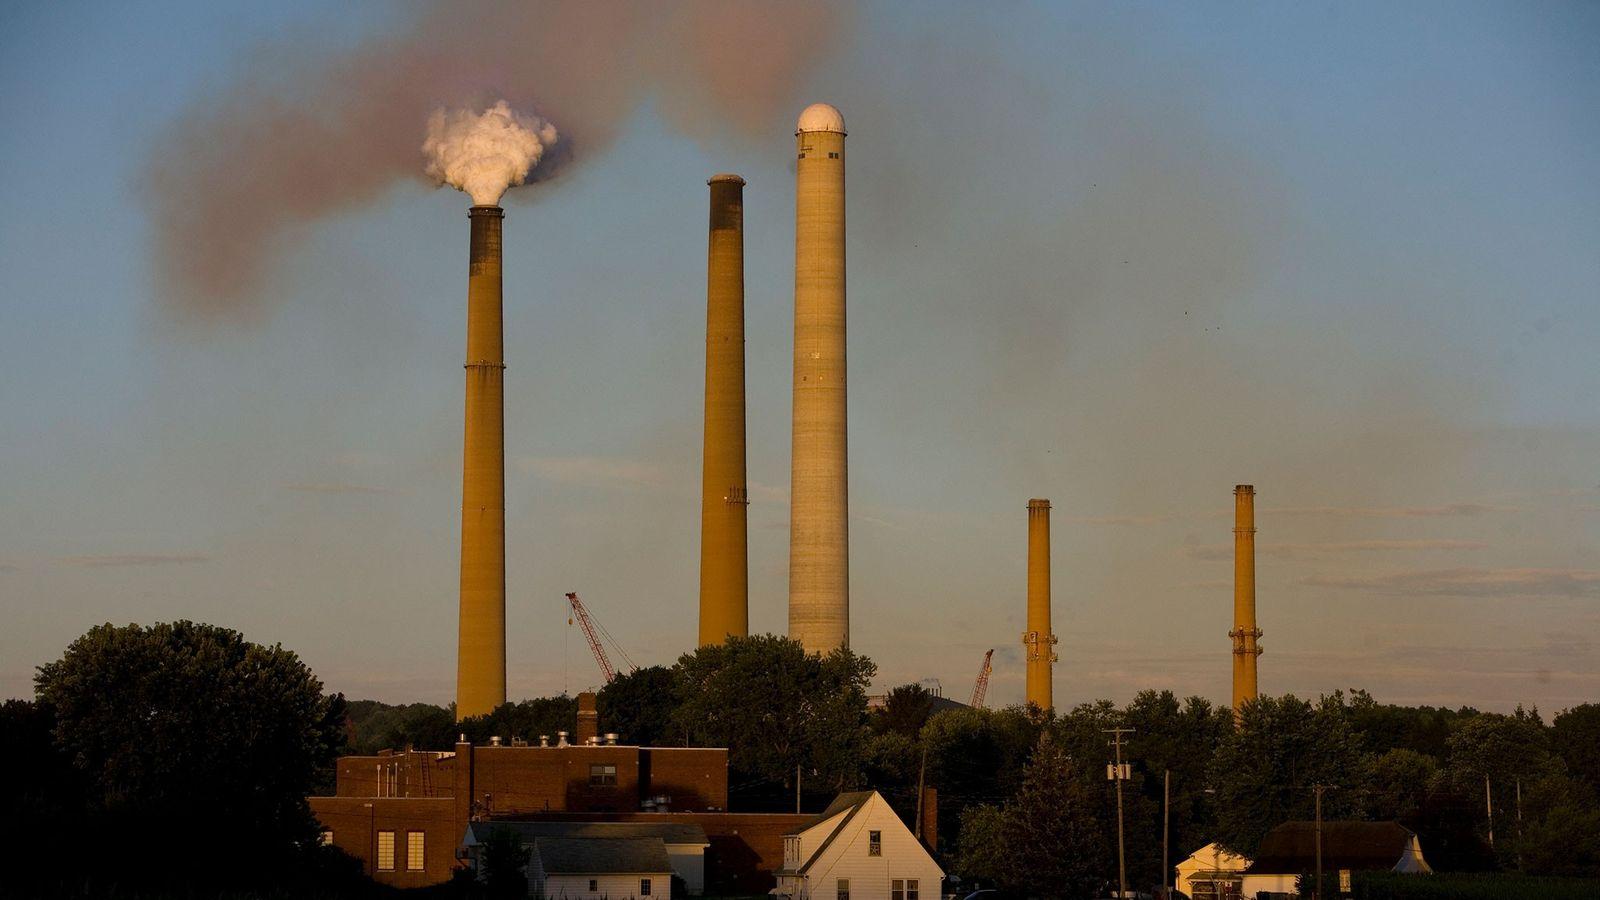 emissao-de-gases-de-efeito-estufa